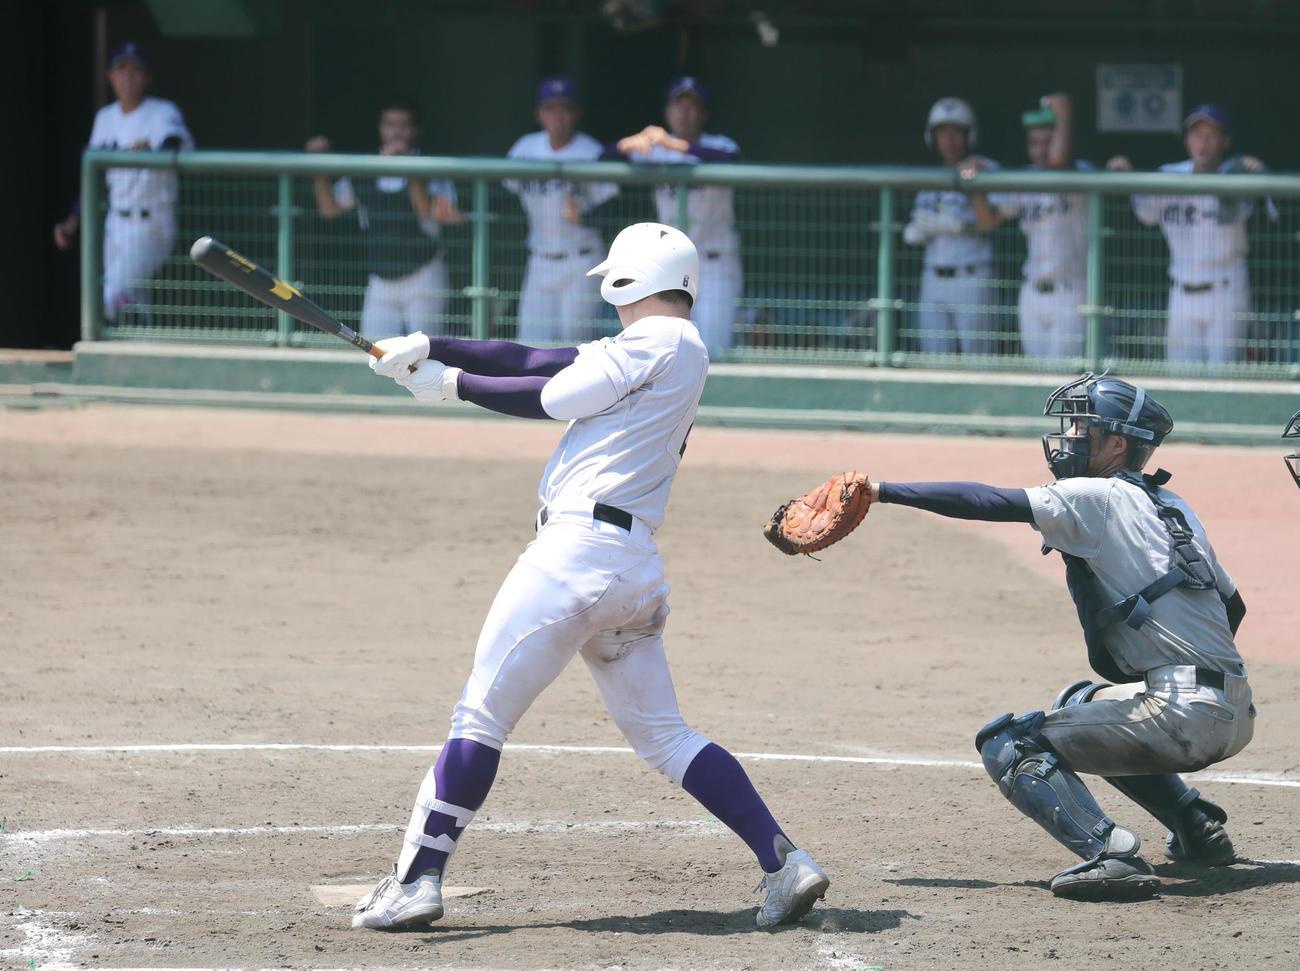 芝対関東第一 5回裏関東第一1死一、二塁、右に適時打を放つ石見(撮影・垰建太)